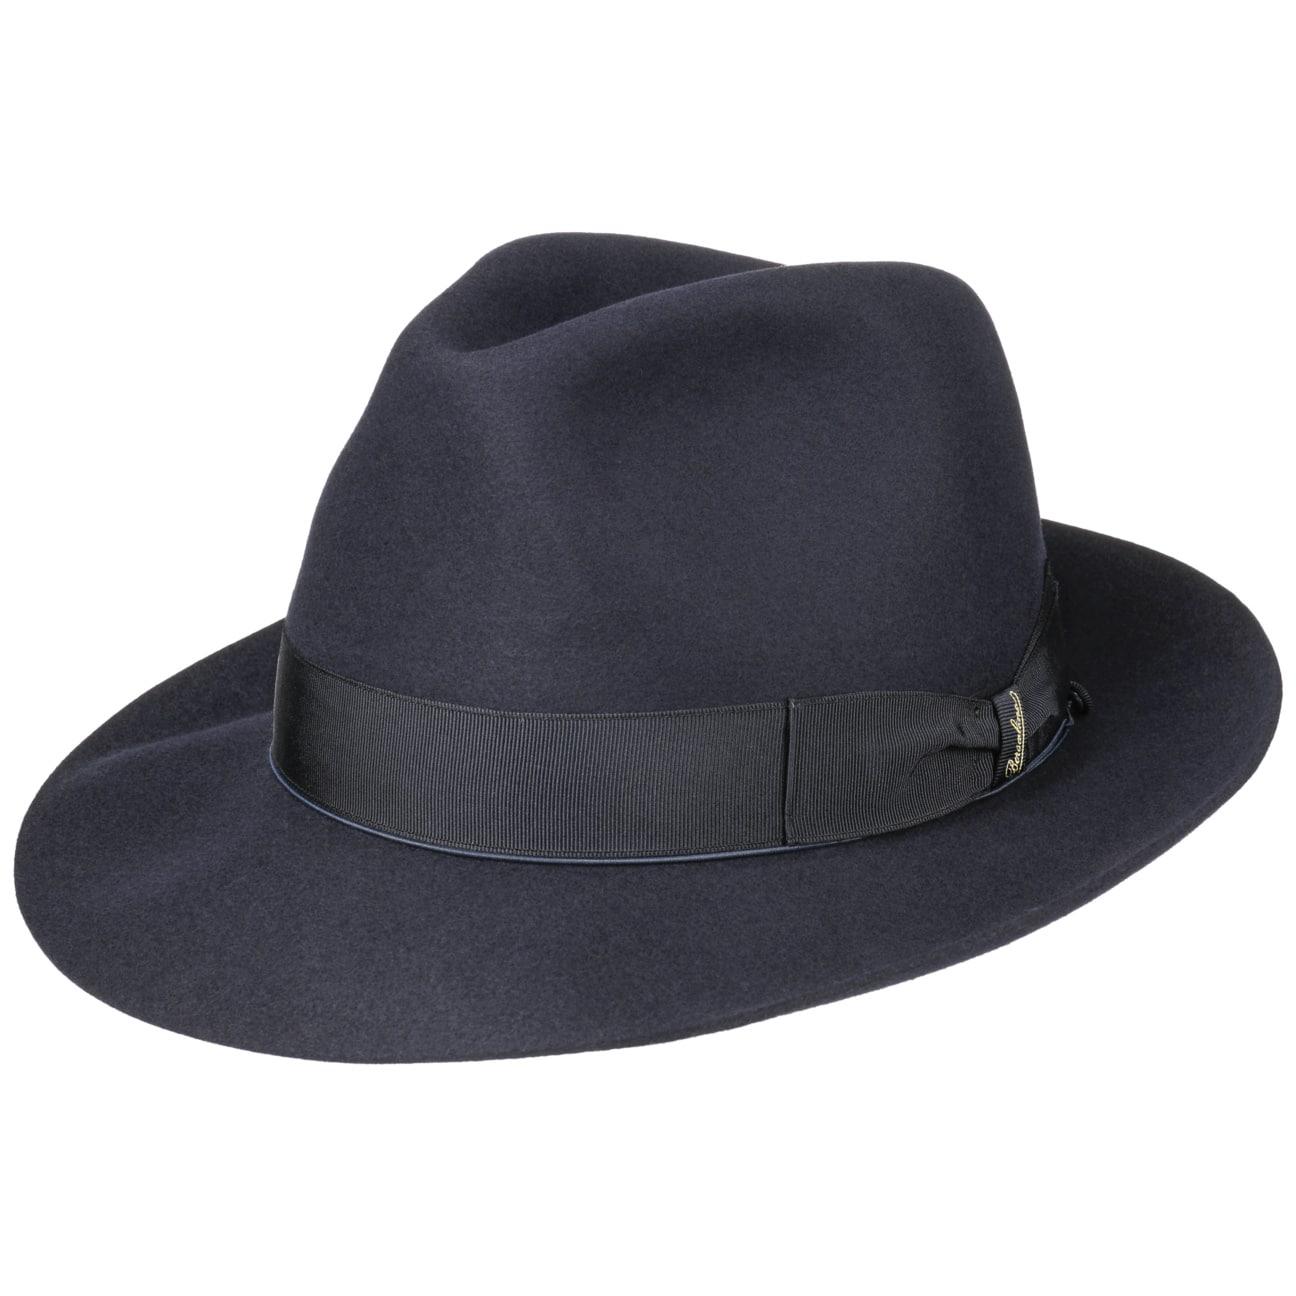 Sombrero Clásico by Borsalino - Sombreros - sombreroshop.es a099d34a277